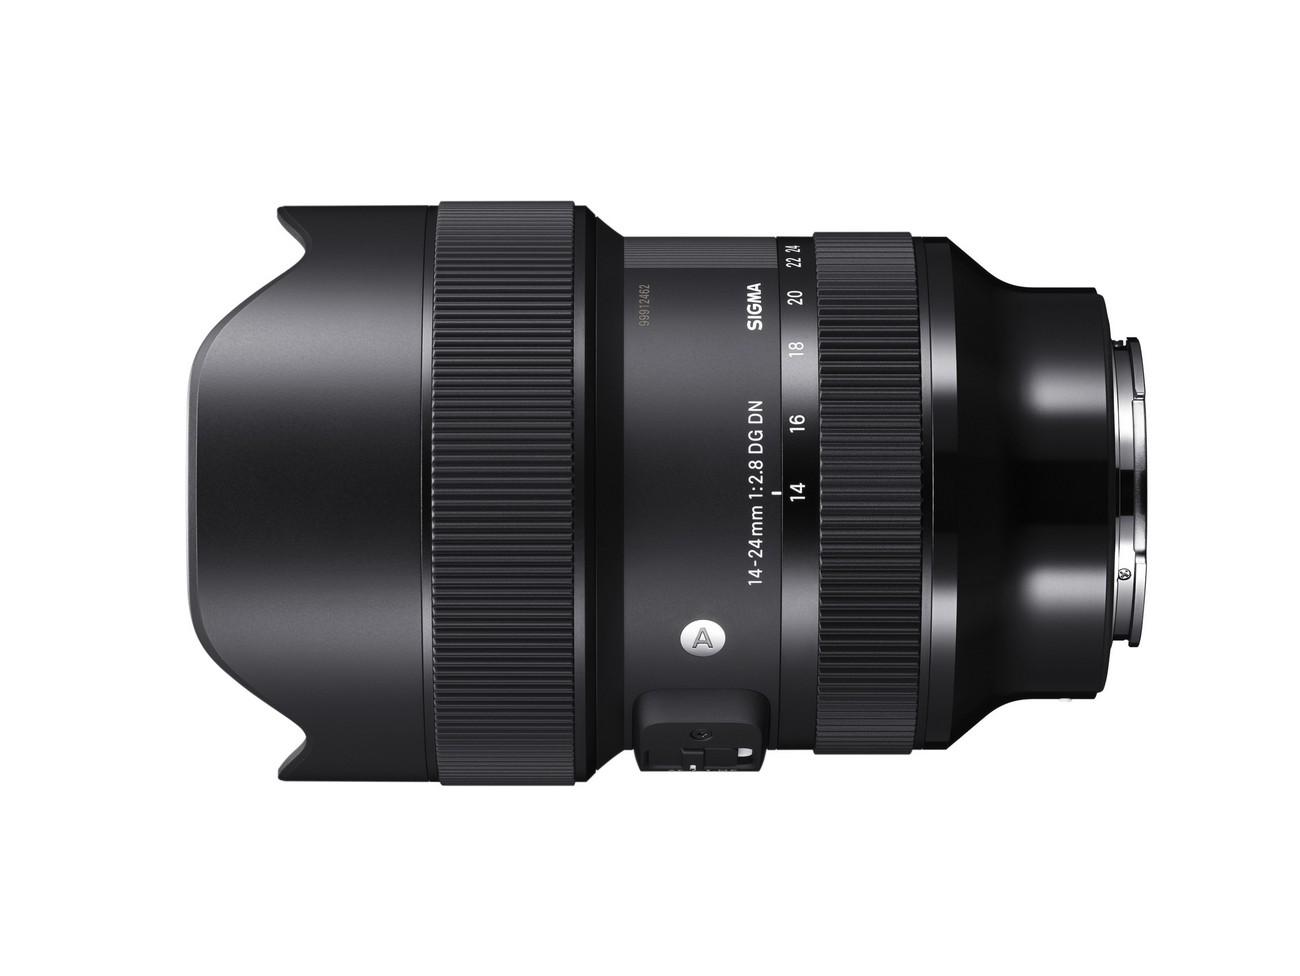 SIGMA 14-24mm F2.8 A DG DN – Przedstawiamy szerokokątny zoom o niezwykłej rozdzielczości, zaprojektowany do pełnoklatkowych aparatów bezlusterkowych